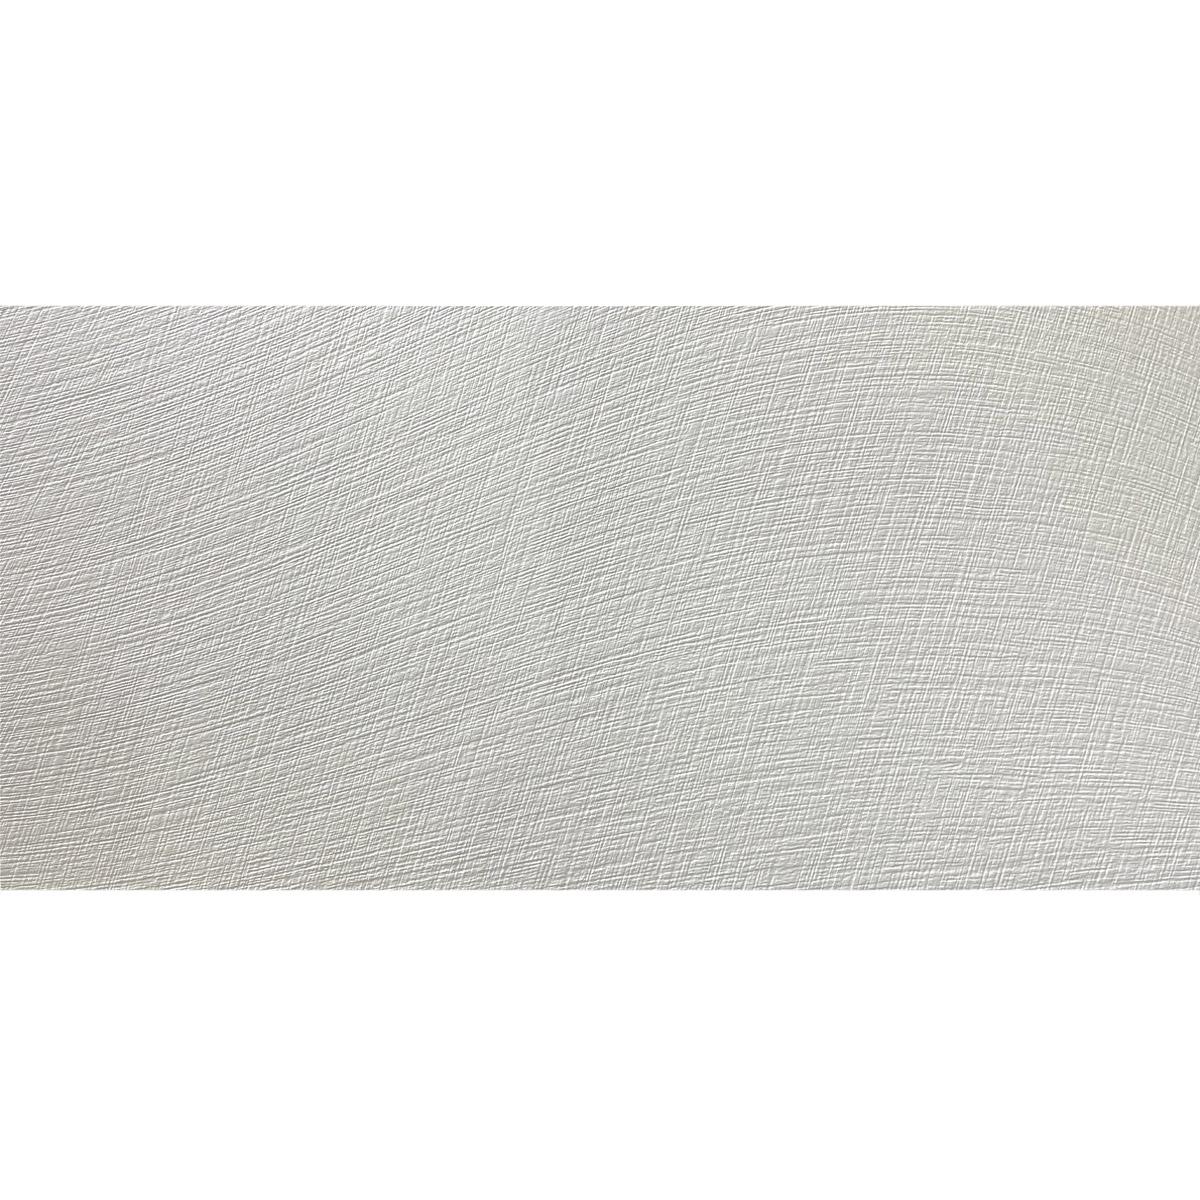 BYRON 12 X 24 WHITE MATT T10775